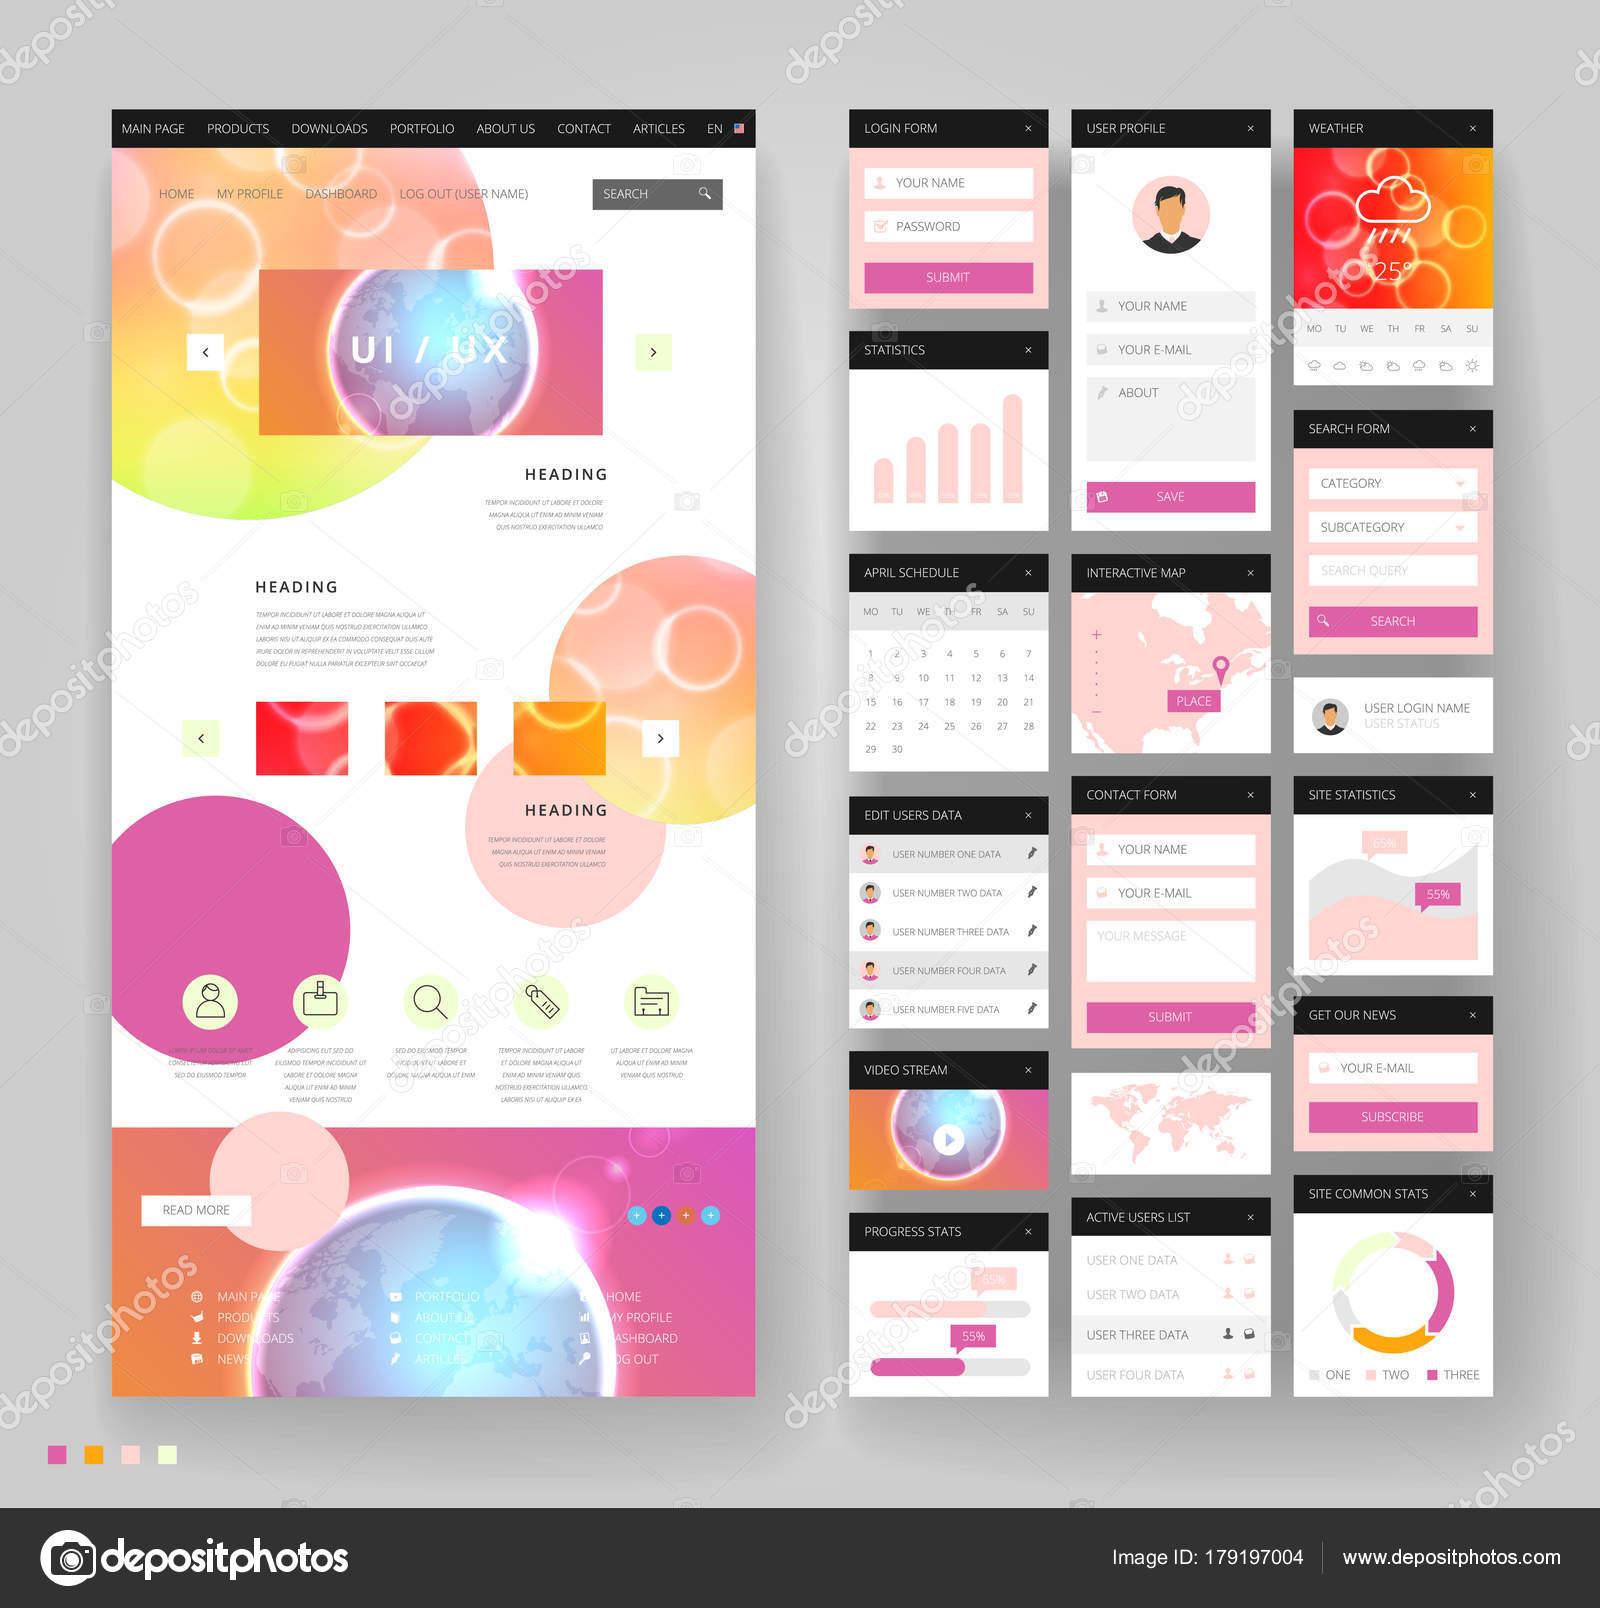 Erfreut Designvorlagen Für Benutzeroberflächen Fotos - Entry Level ...